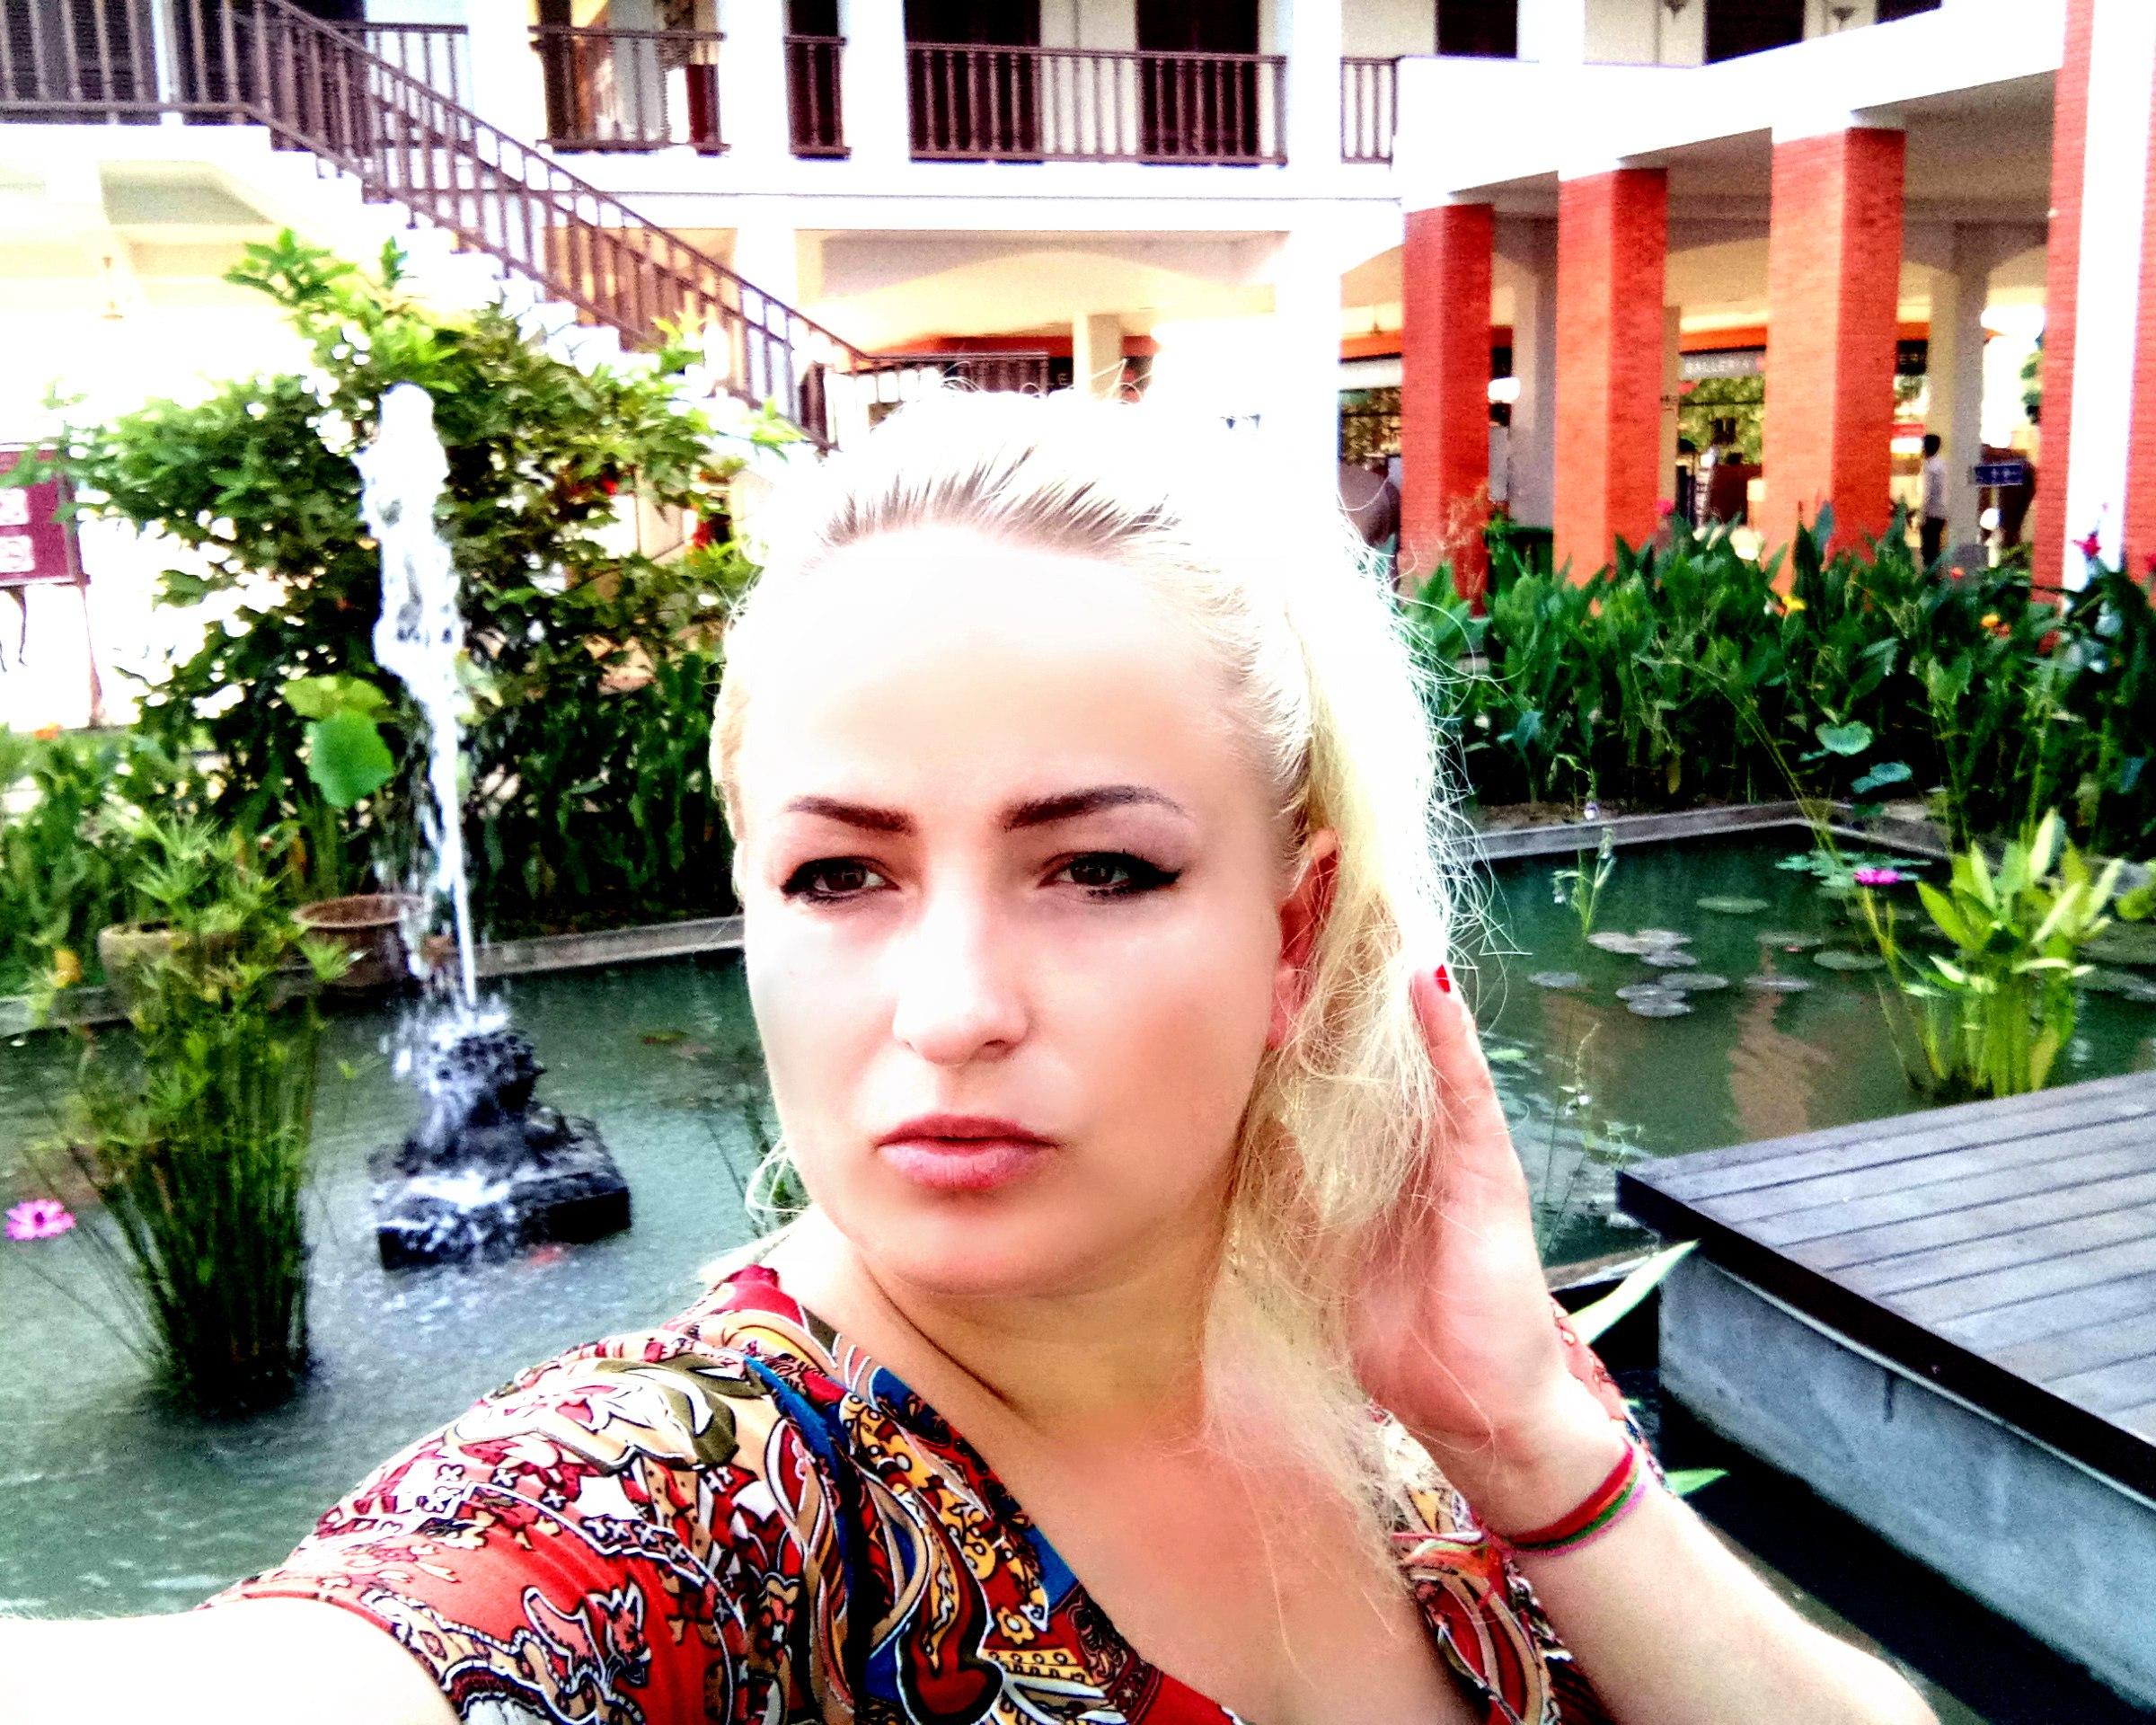 никосия - Елена Руденко. Мои путешествия (фото/видео) - Страница 3 CYp61-KInWU